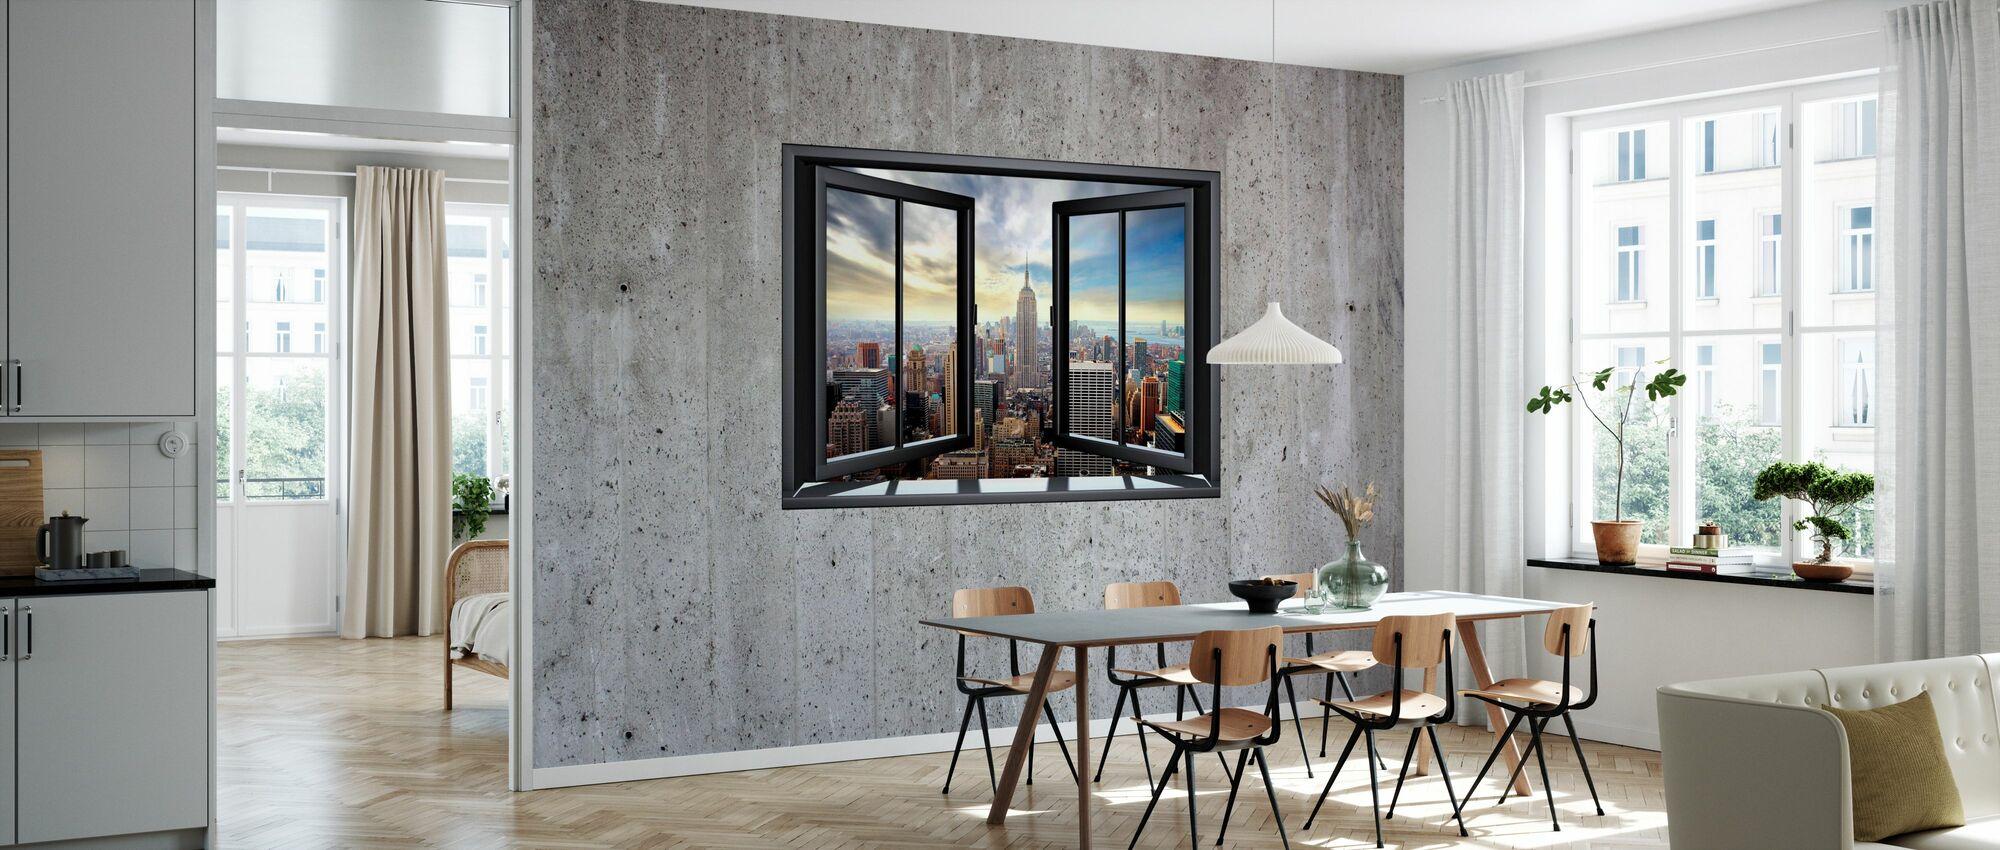 New York gjennom vinduet - Betongvegg - Tapet - Kjøkken